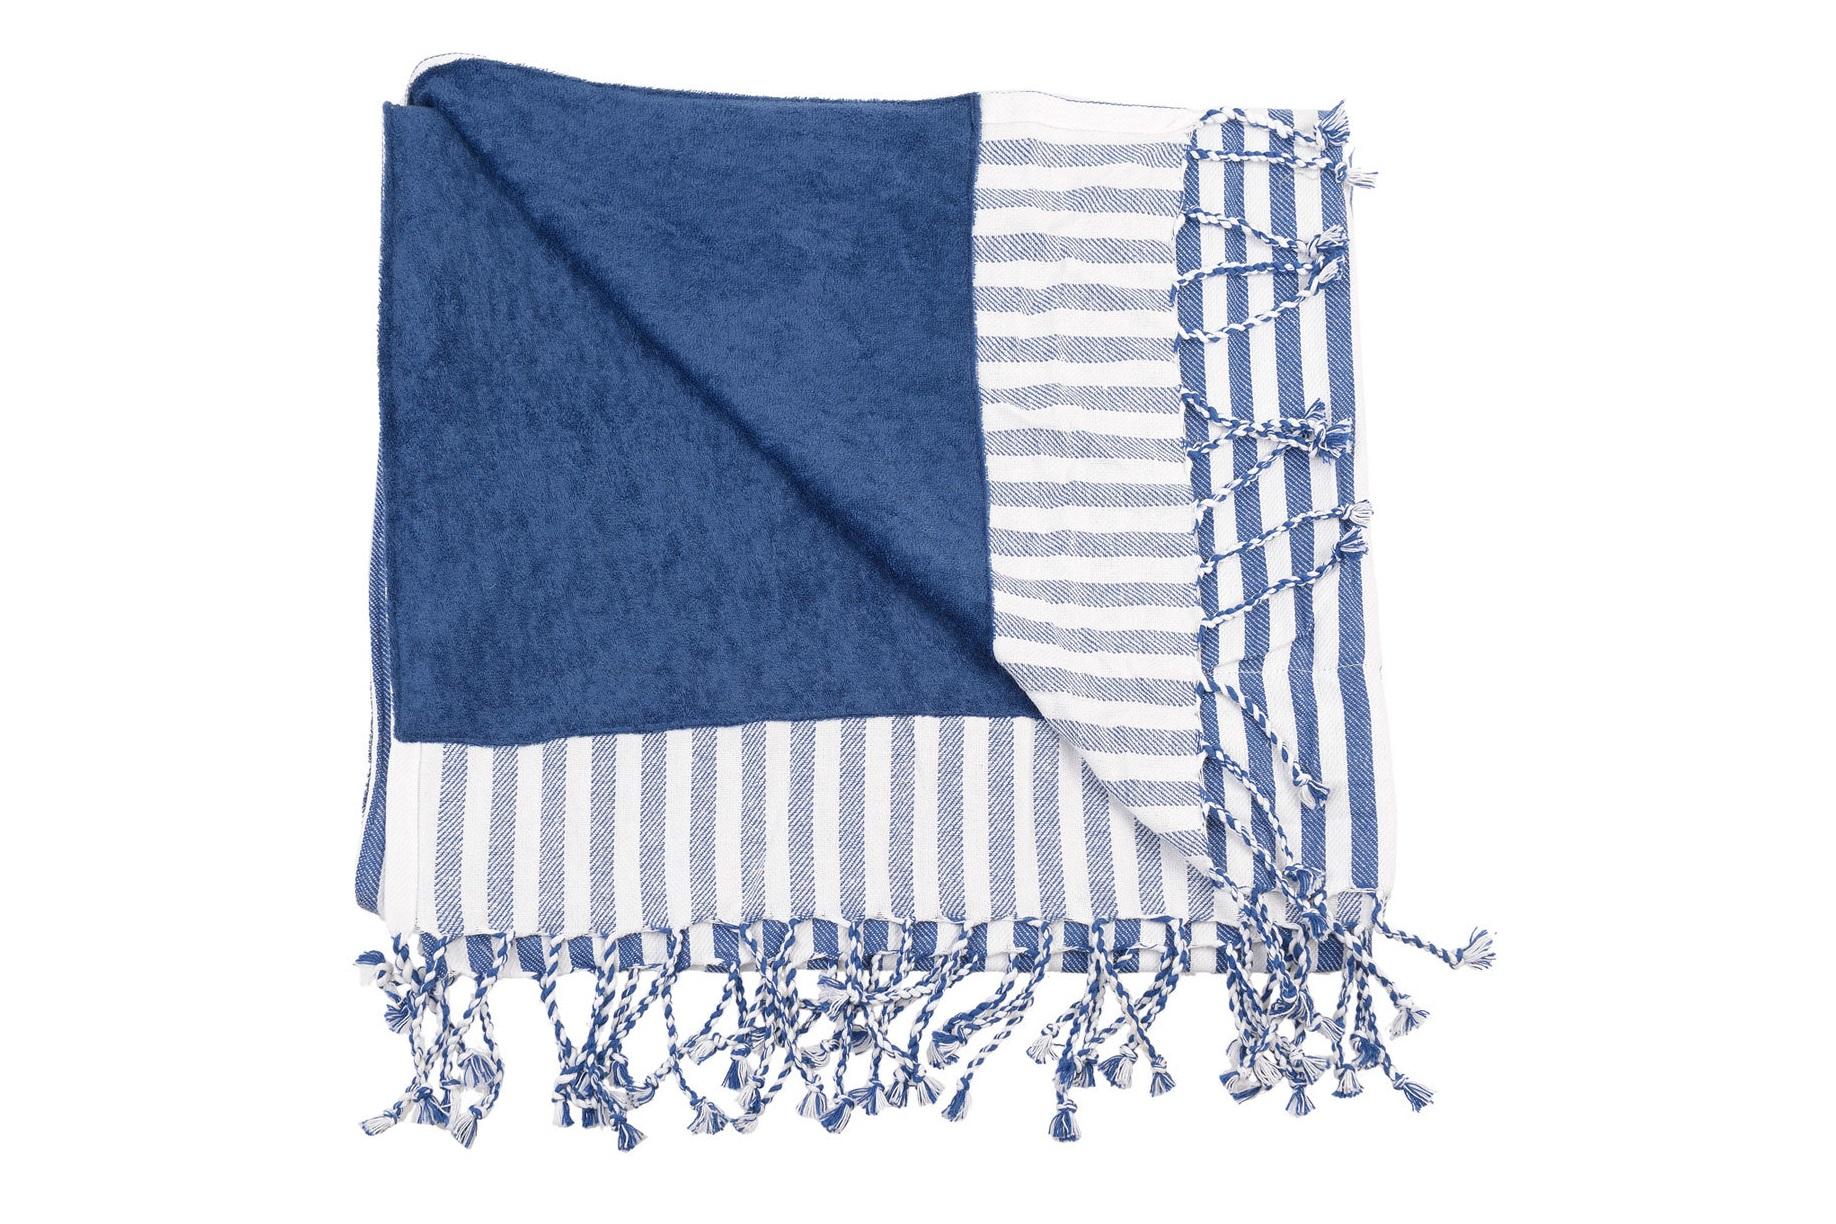 Полотенце DuportaПляжные полотенца<br><br><br>Material: Хлопок<br>Ширина см: 170<br>Высота см: 1<br>Глубина см: 90